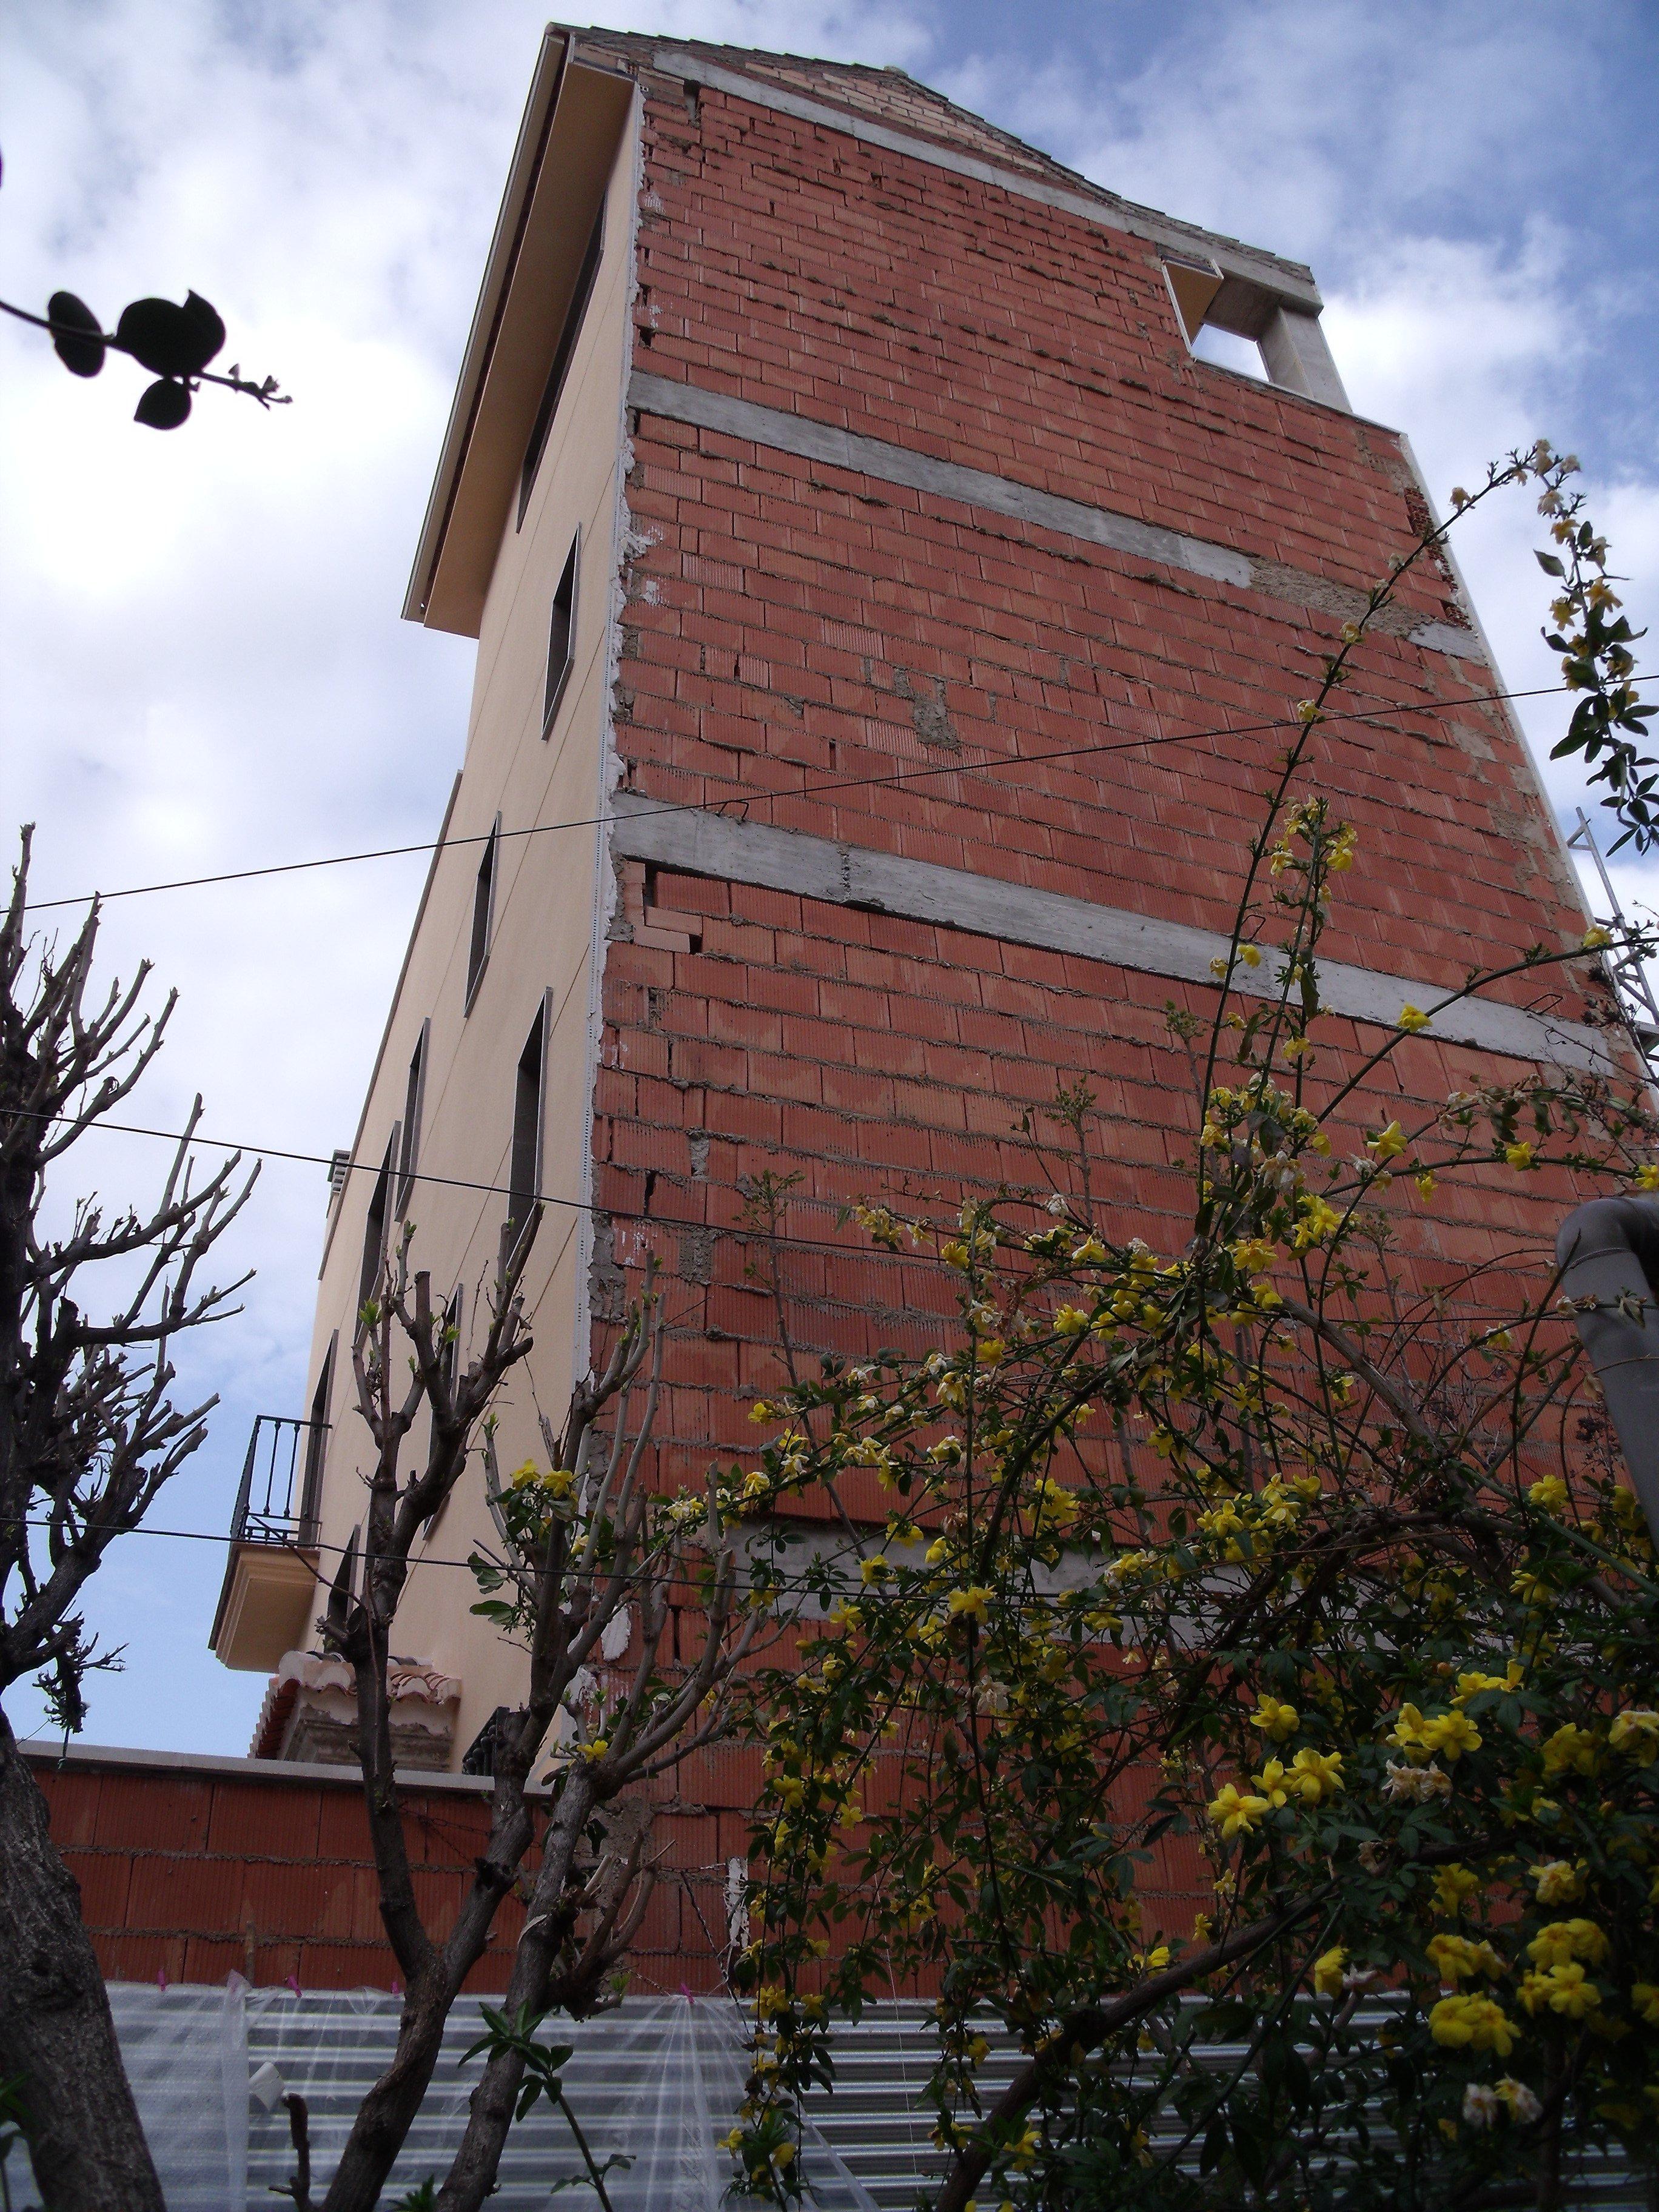 Ladrillos en ciudad jard n en el zaid n for Ciudad jardin granada